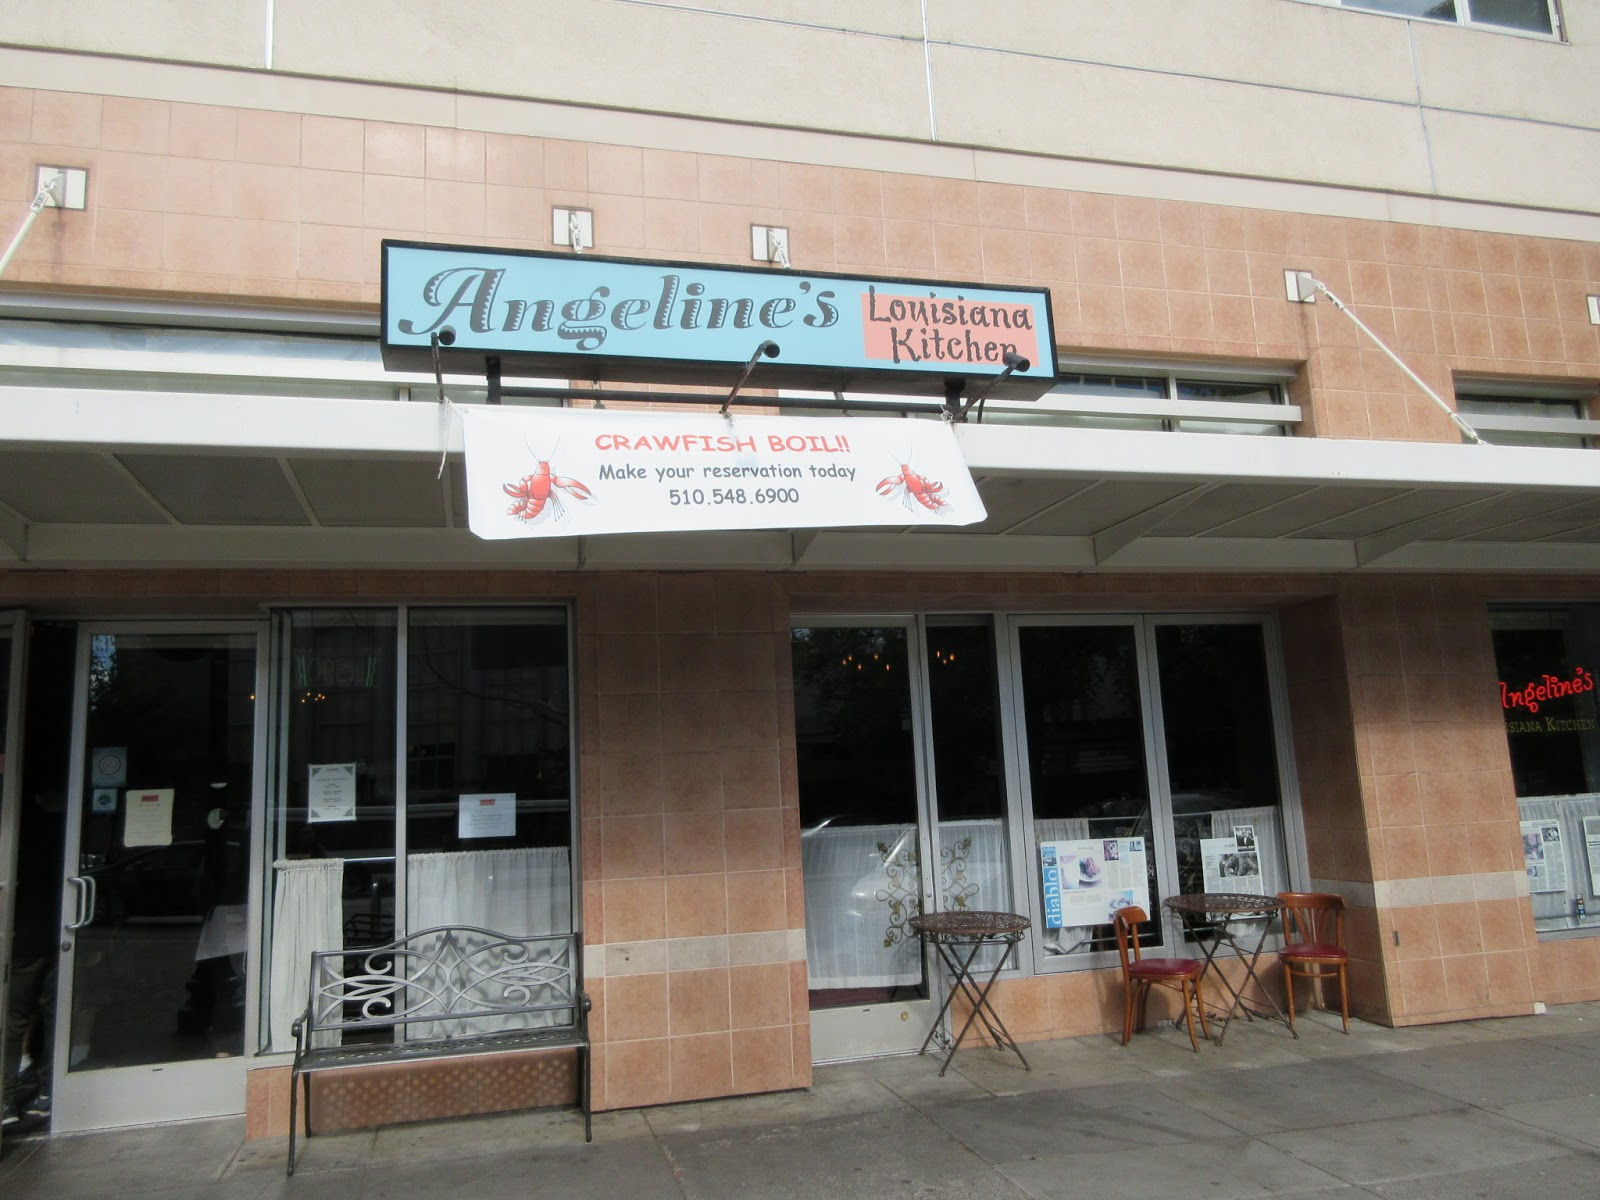 berkeley angelines louisiana kitchen - Angelines Louisiana Kitchen